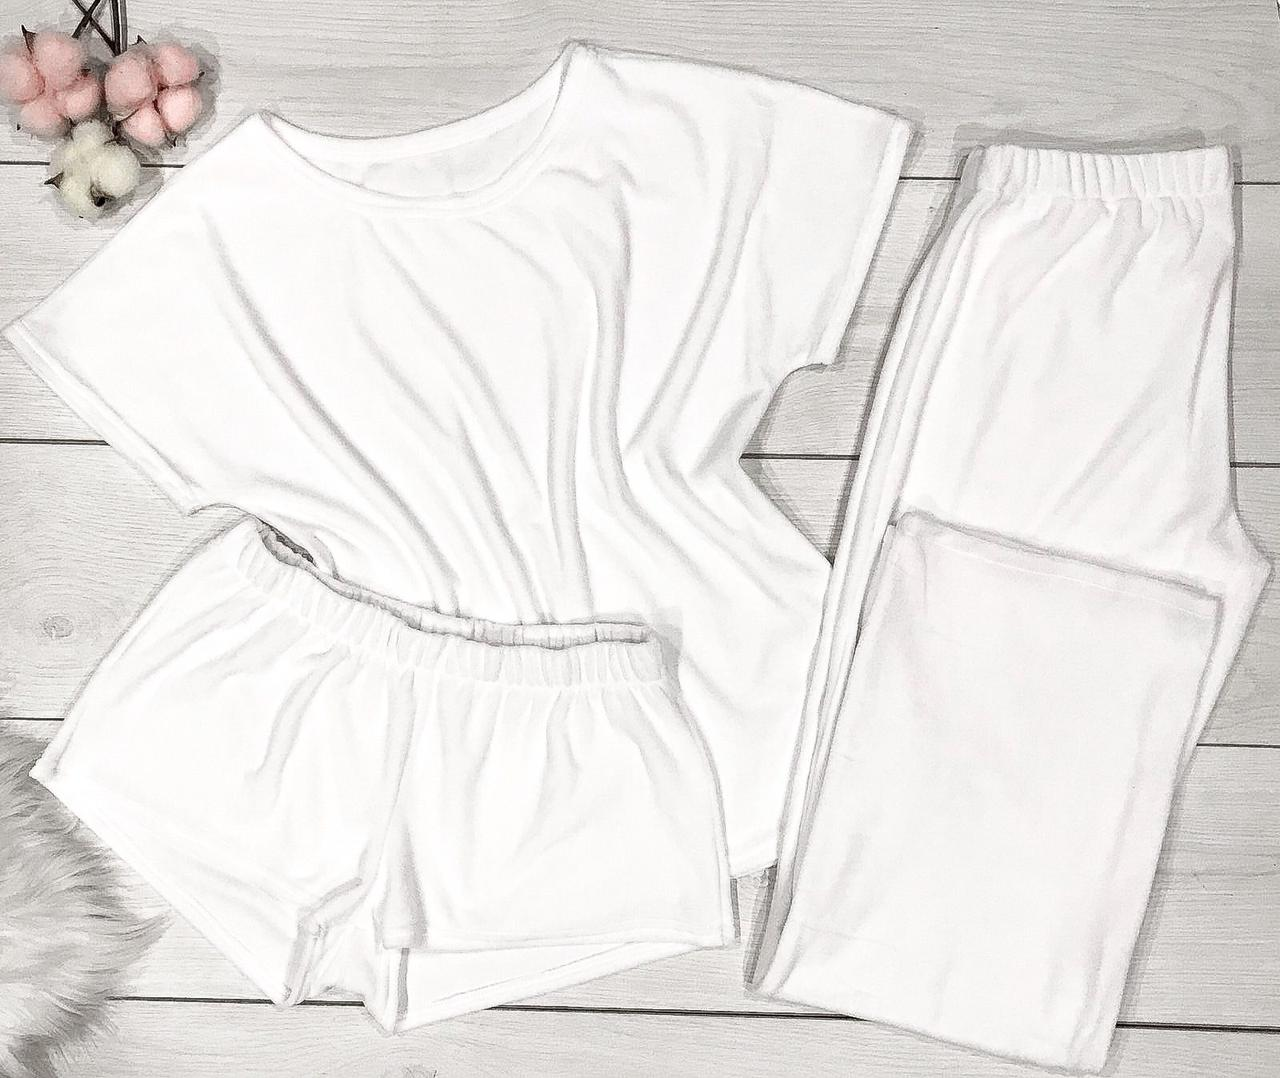 Модная женская пижама тройка, белого цвета.